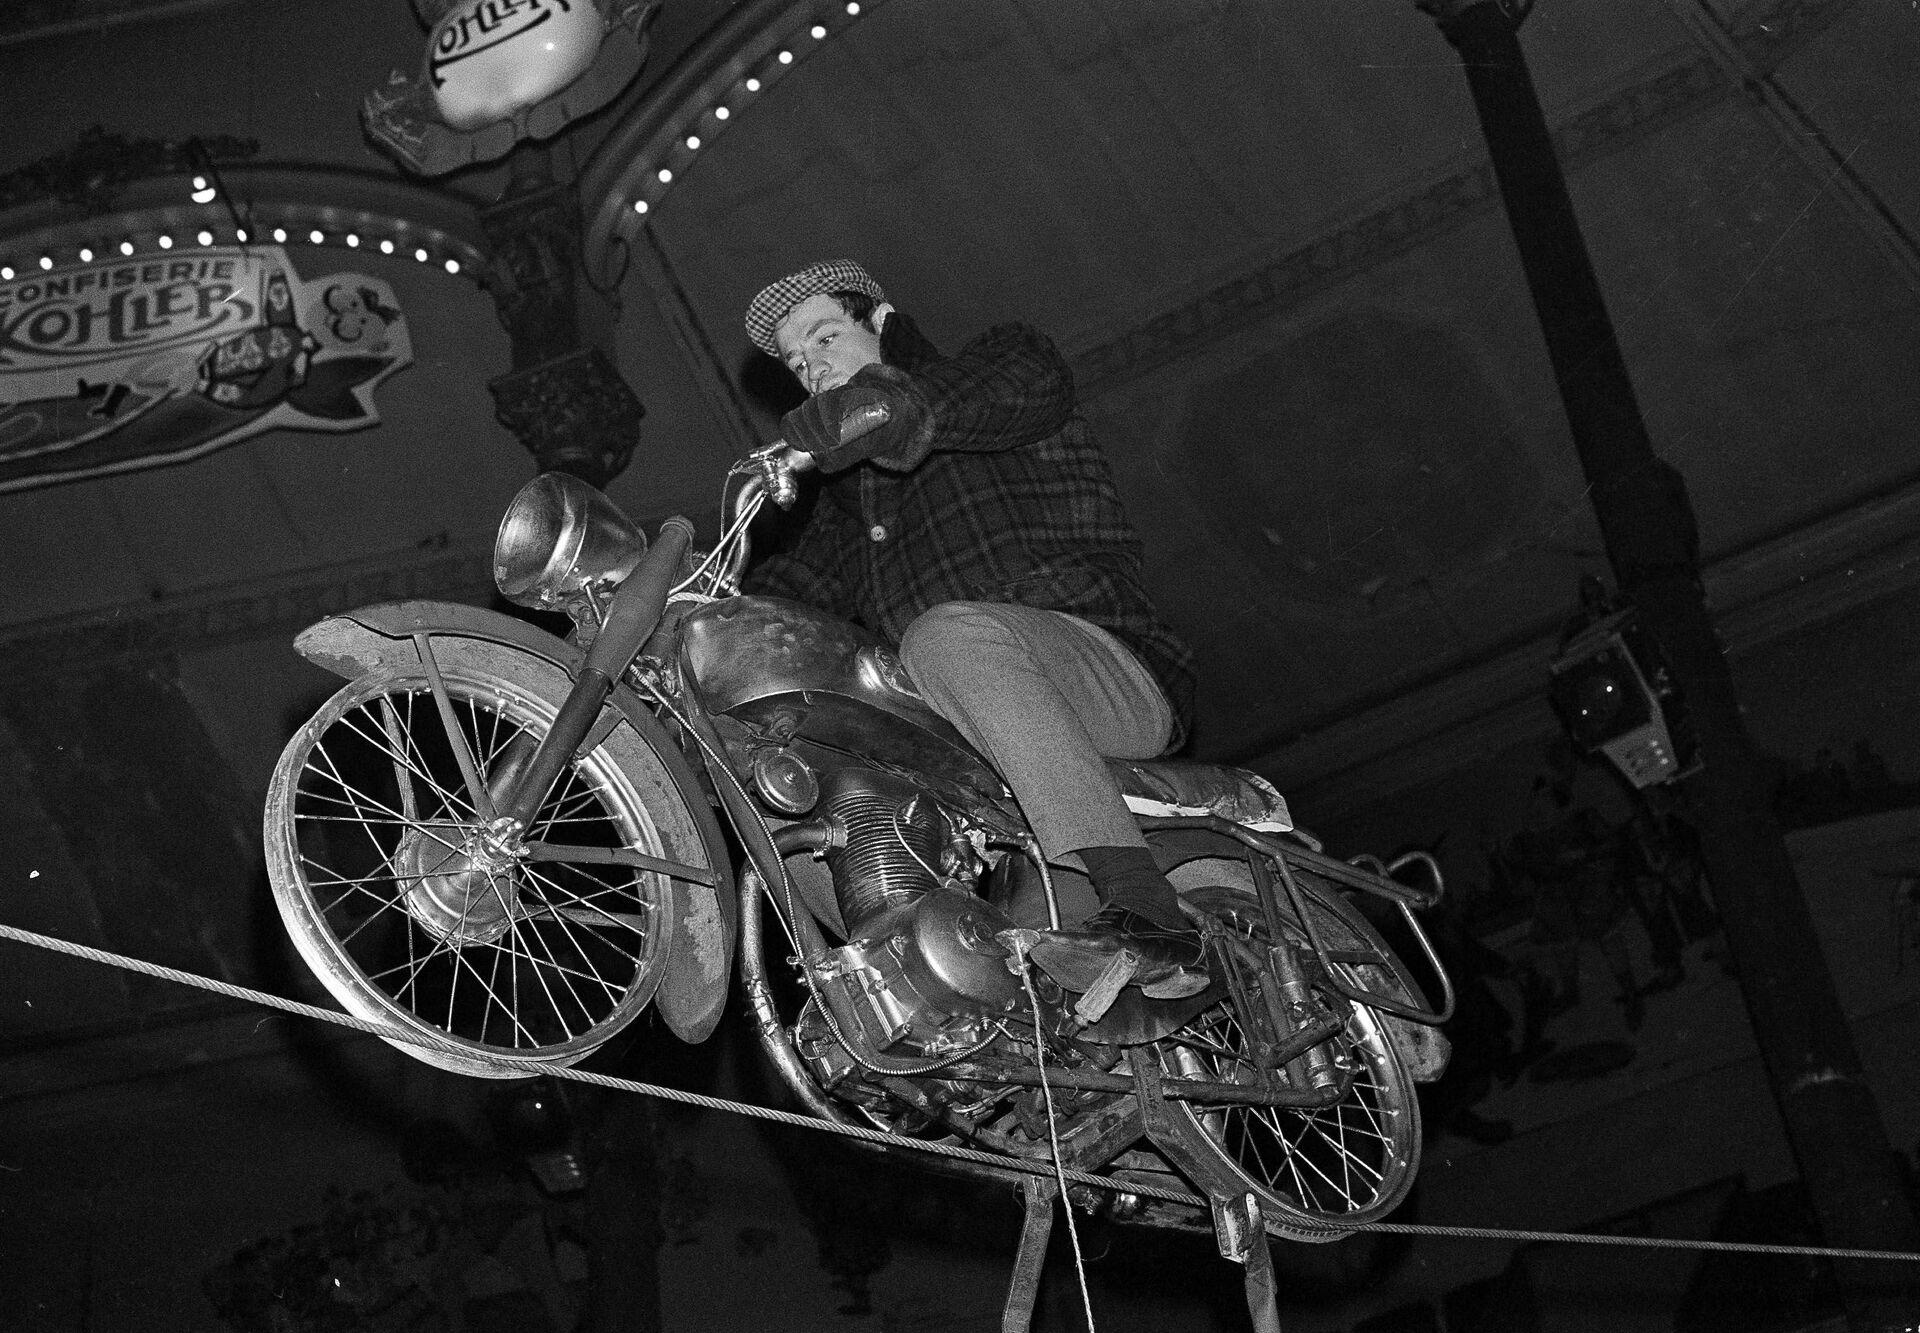 Жан-Поль Бельмондо репетирует свое выступление на мотоцикле в Цирке Медрано в Париже, 1963-й год - Sputnik Азербайджан, 1920, 01.10.2021